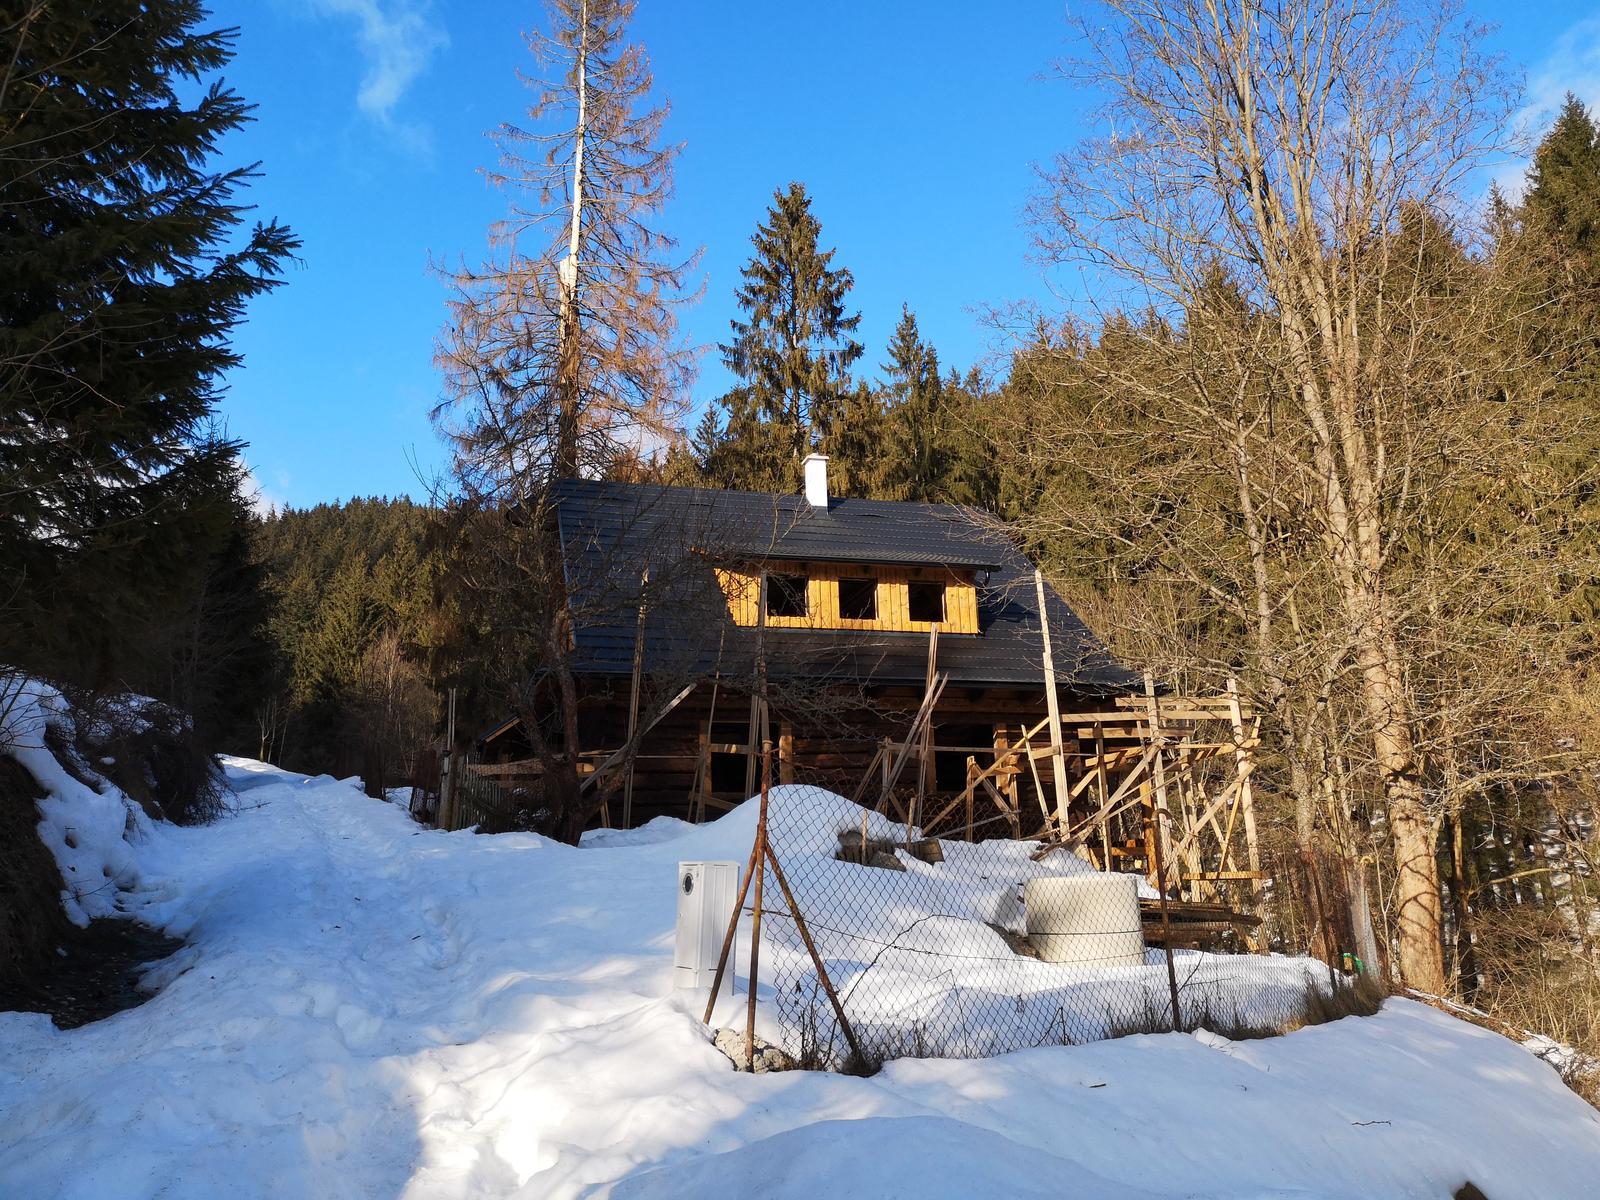 Na samote u lesa - Obrázok č. 39